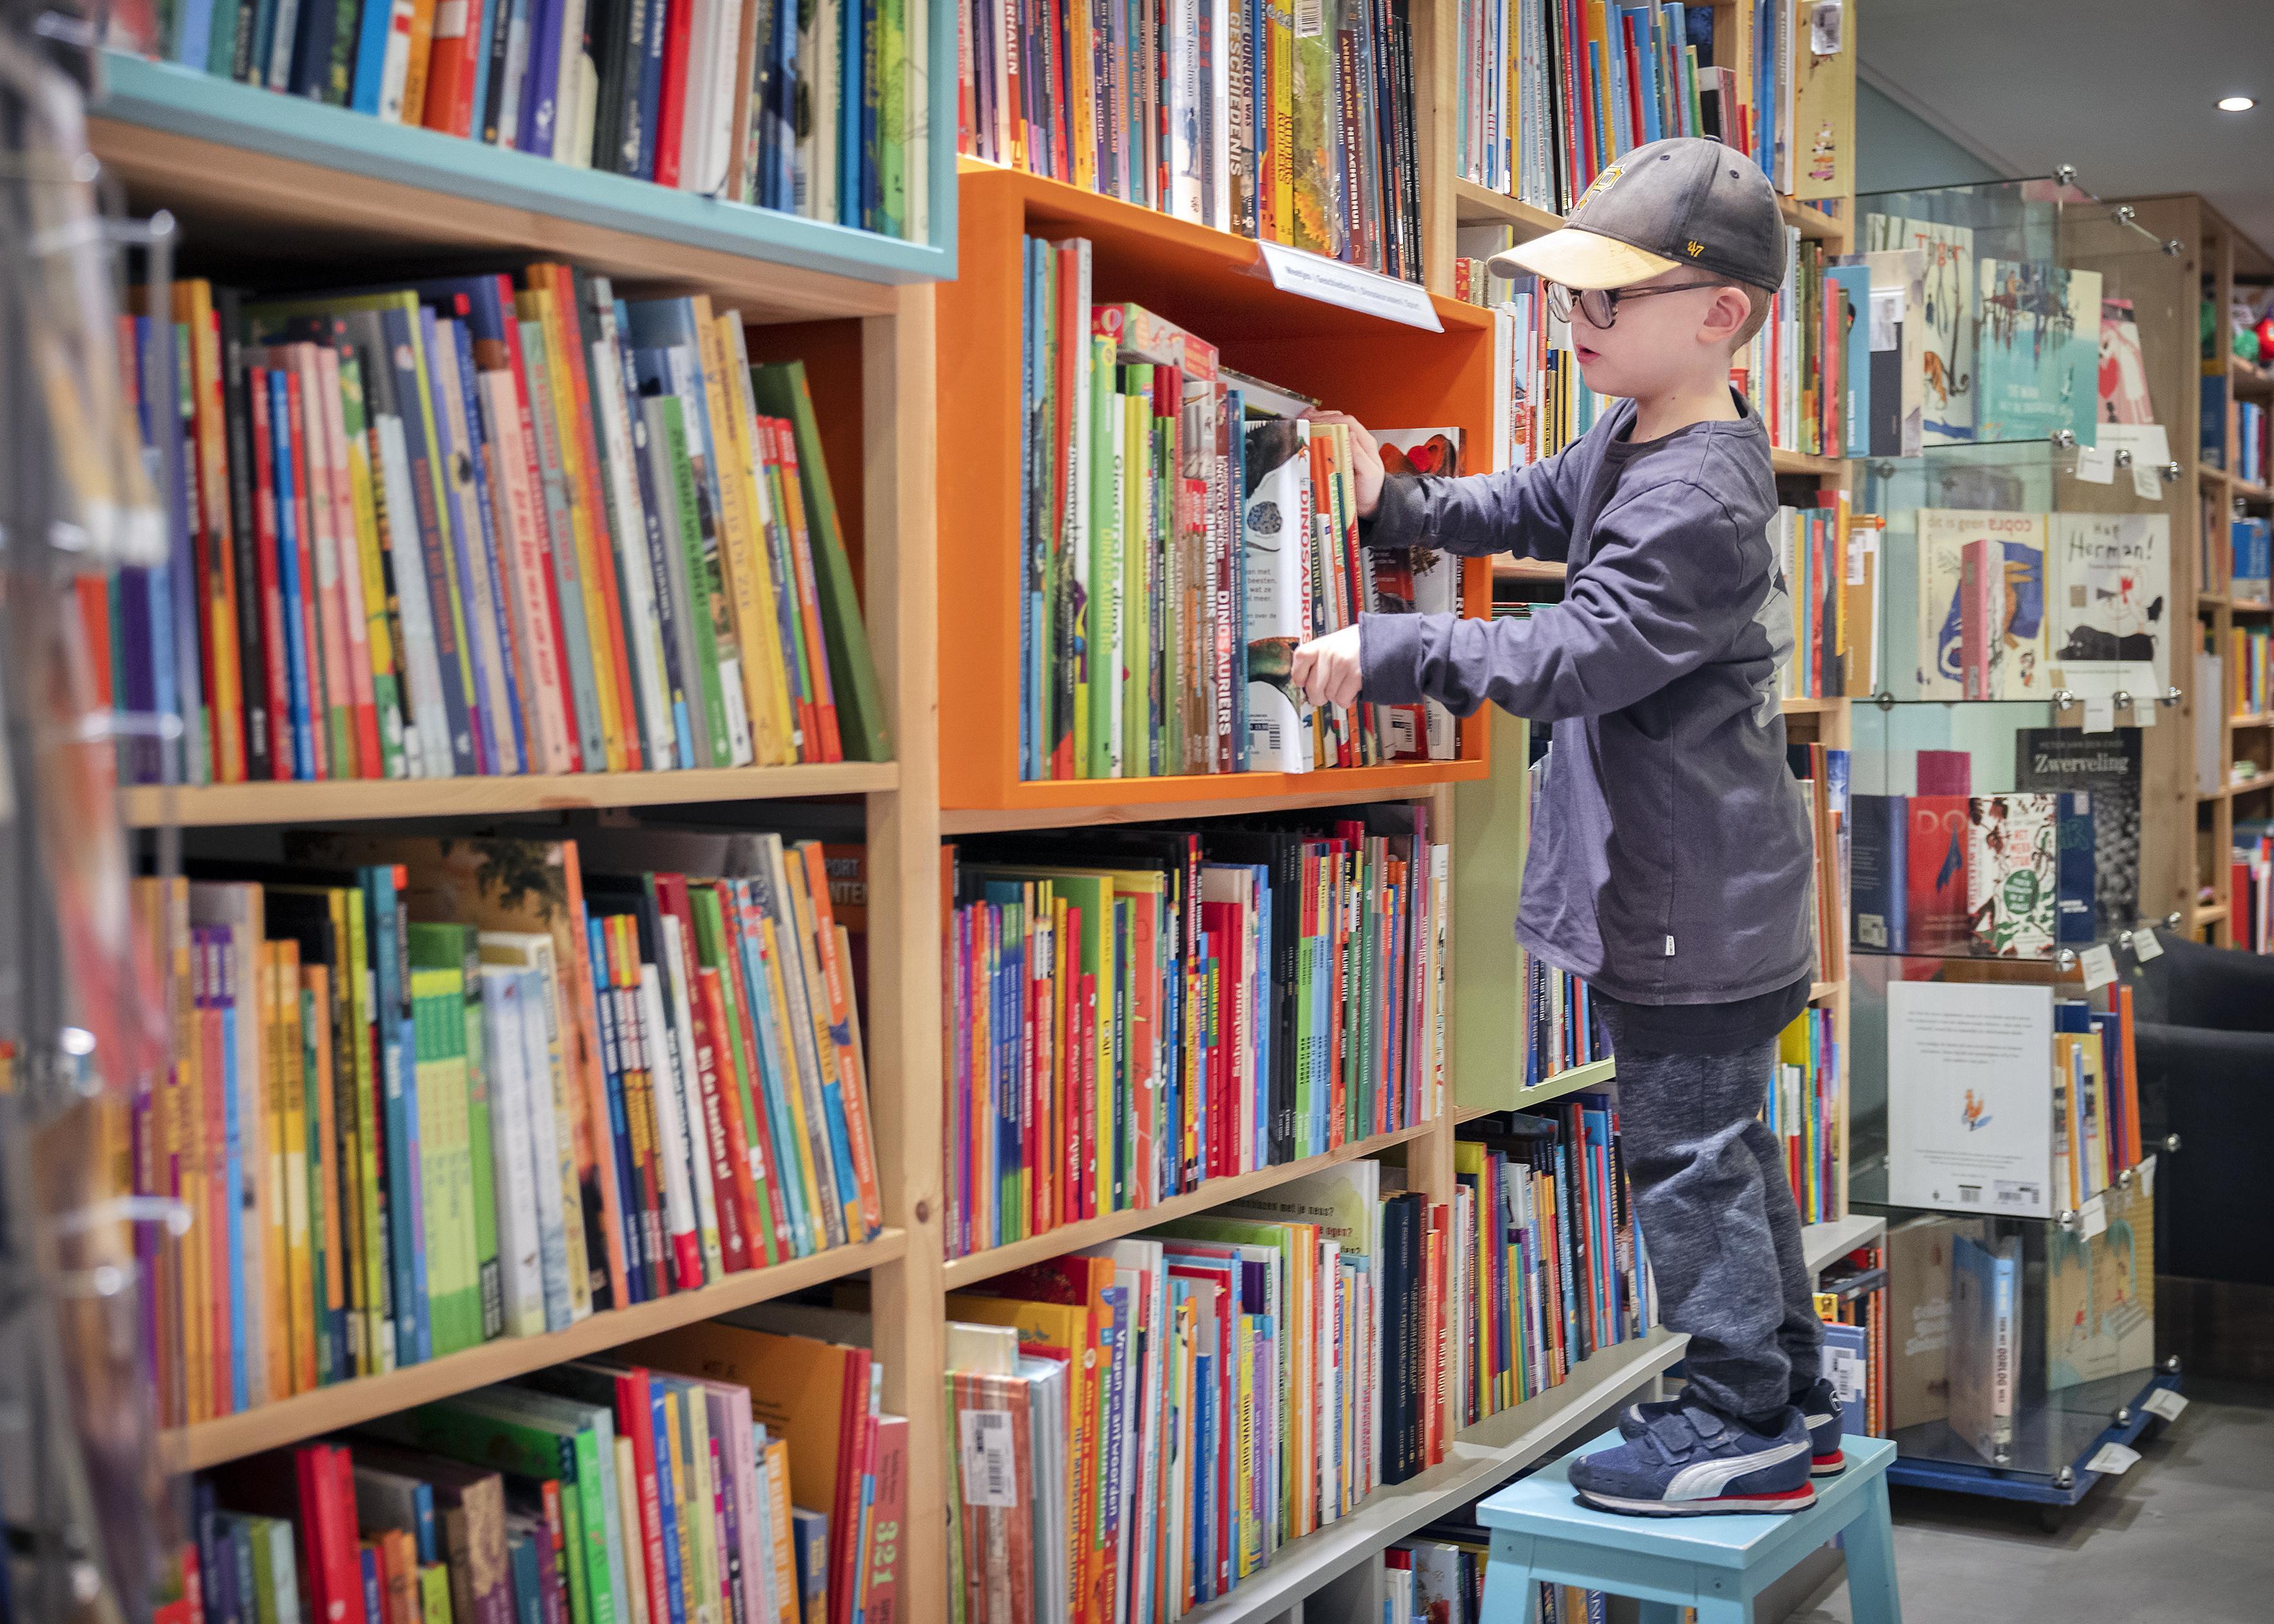 Geduldig wachten op bankje bij boekwinkel Kiekeboek in Haarlem; veel kinderen gaan in coronatijd meer lezen